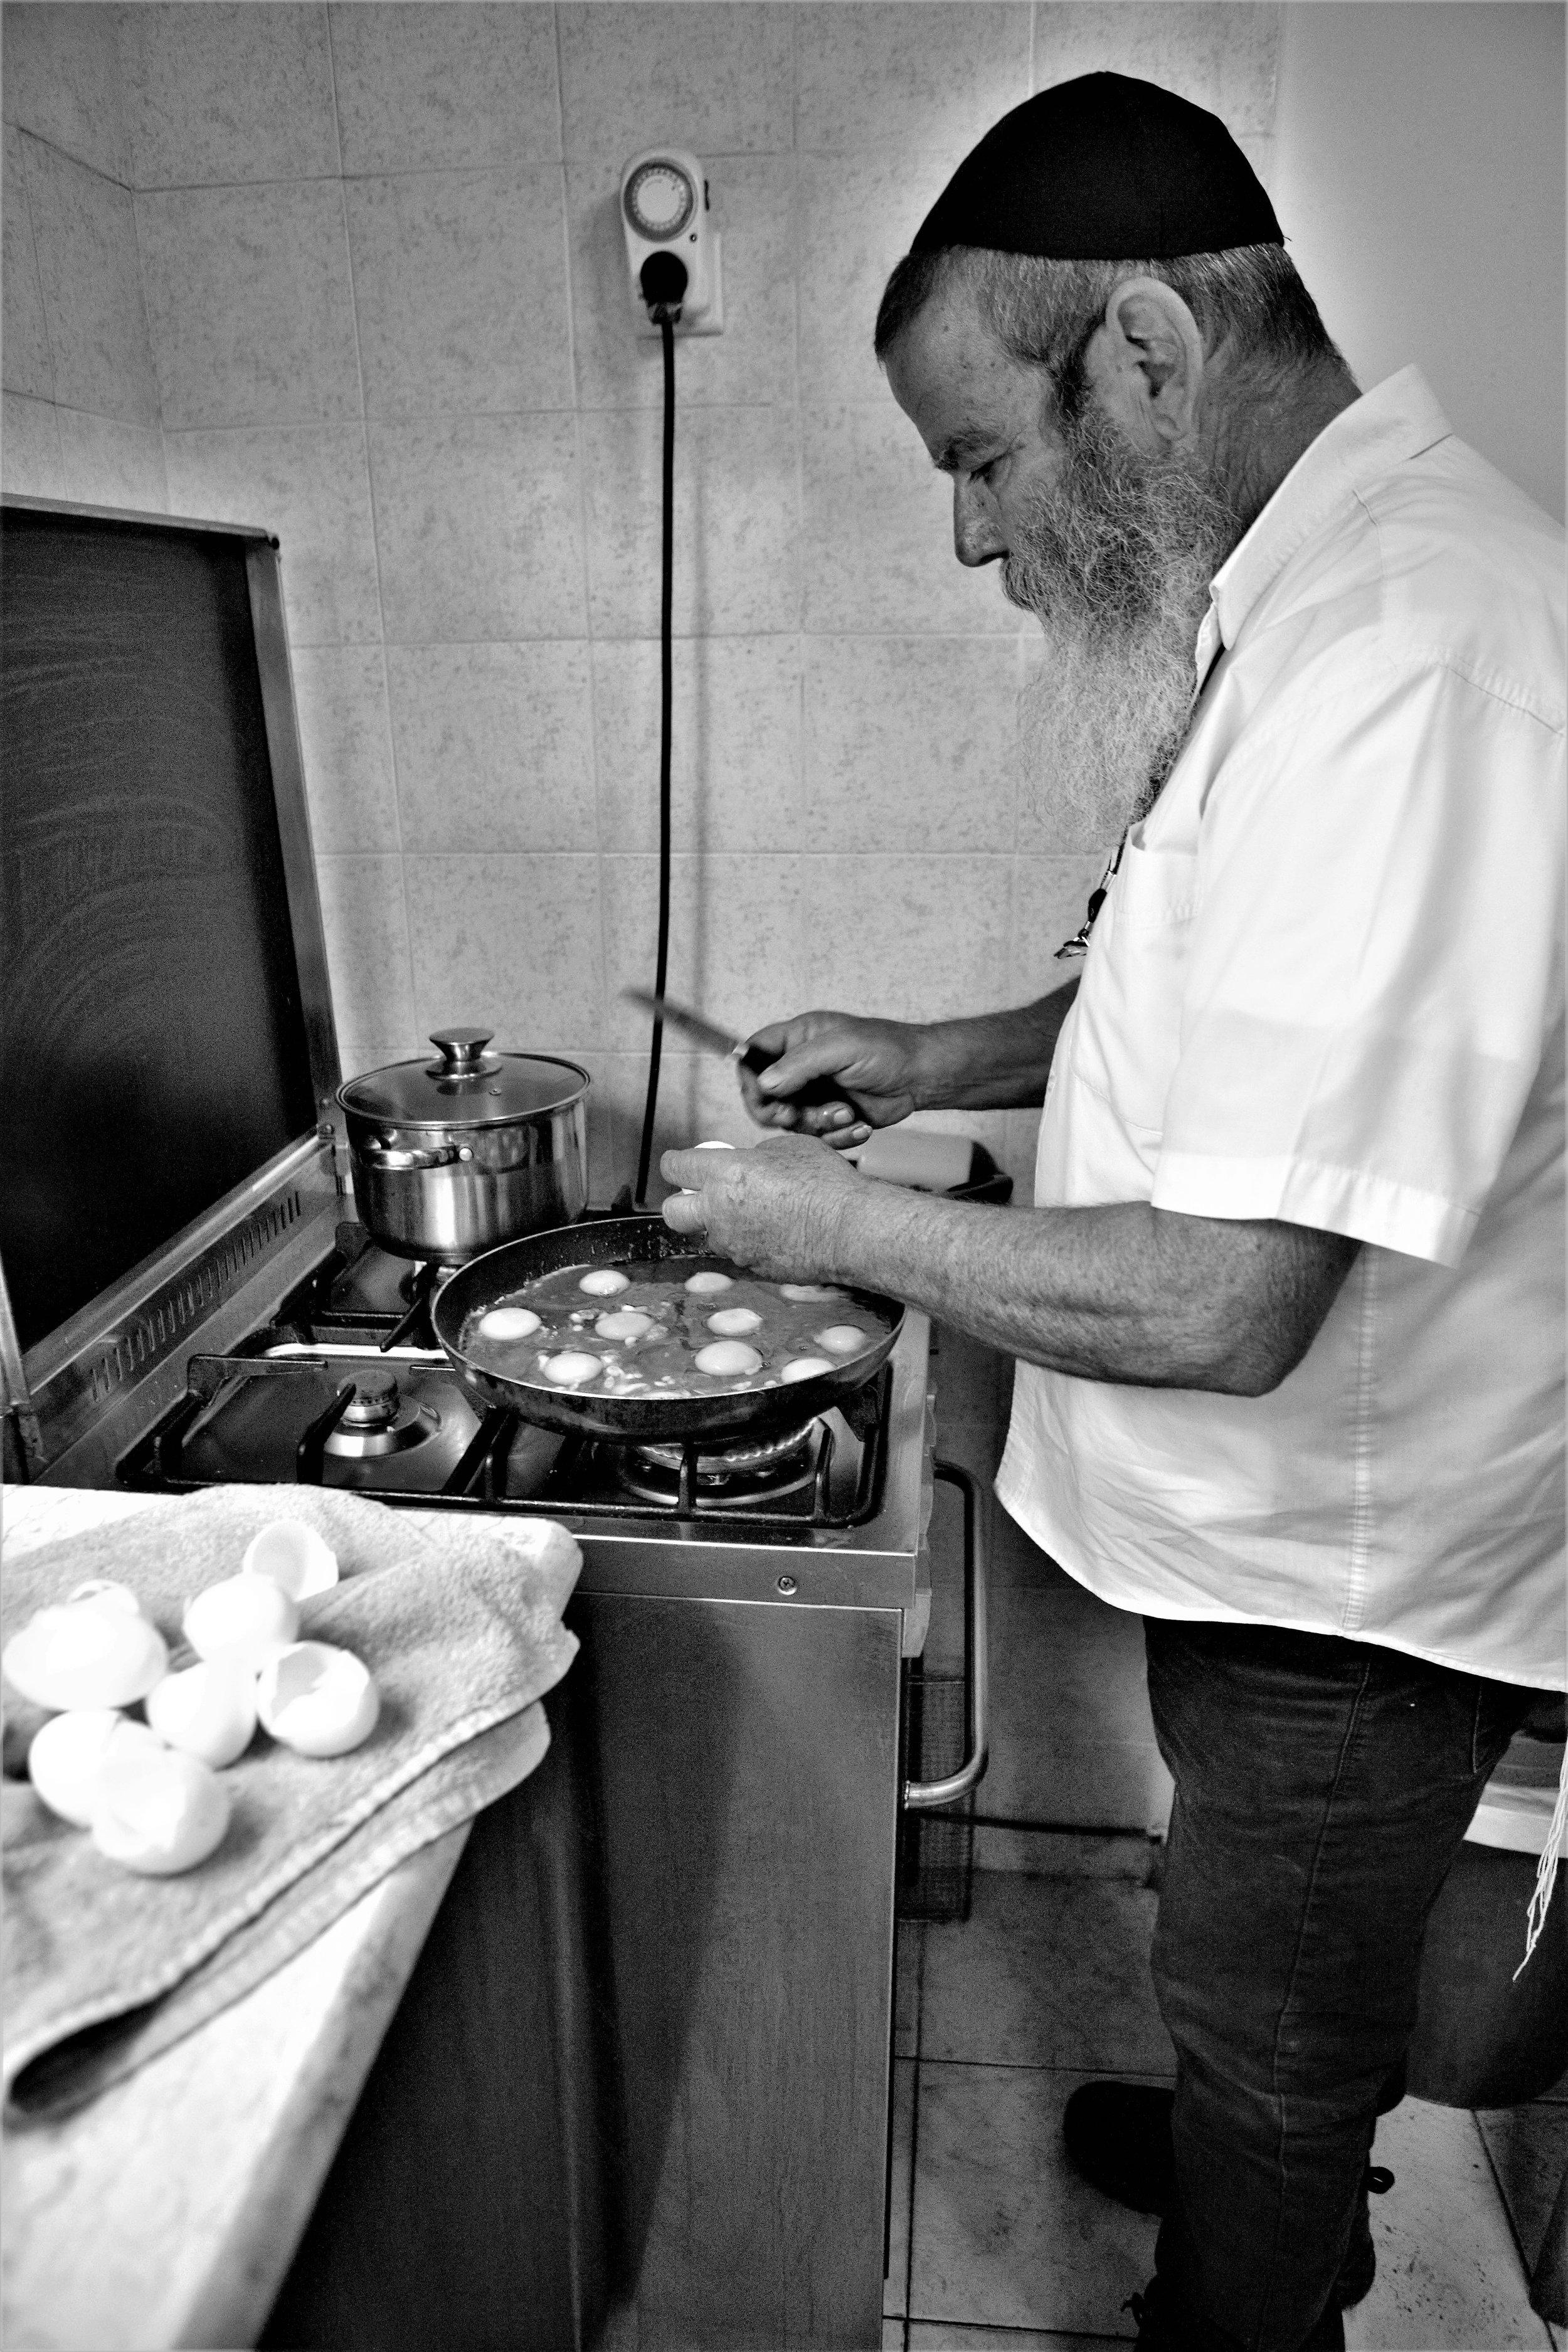 Moshe Kimche war einst Koch, heute keltert er Weine in einer Siedlung im Westjordanland.